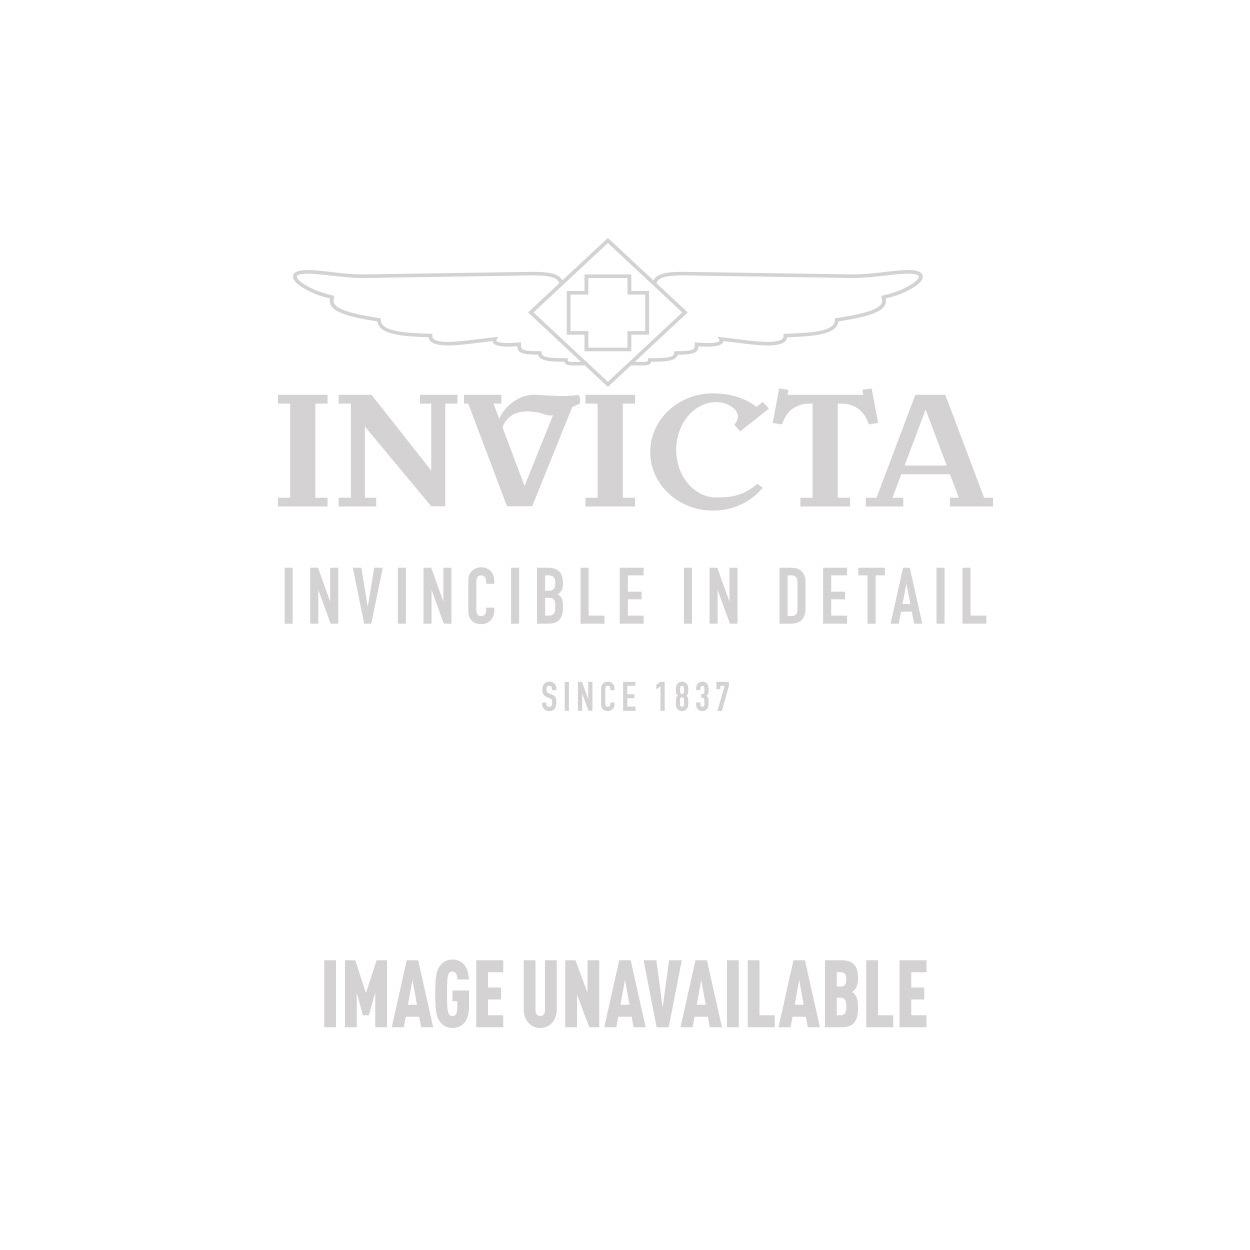 Invicta Model  24037